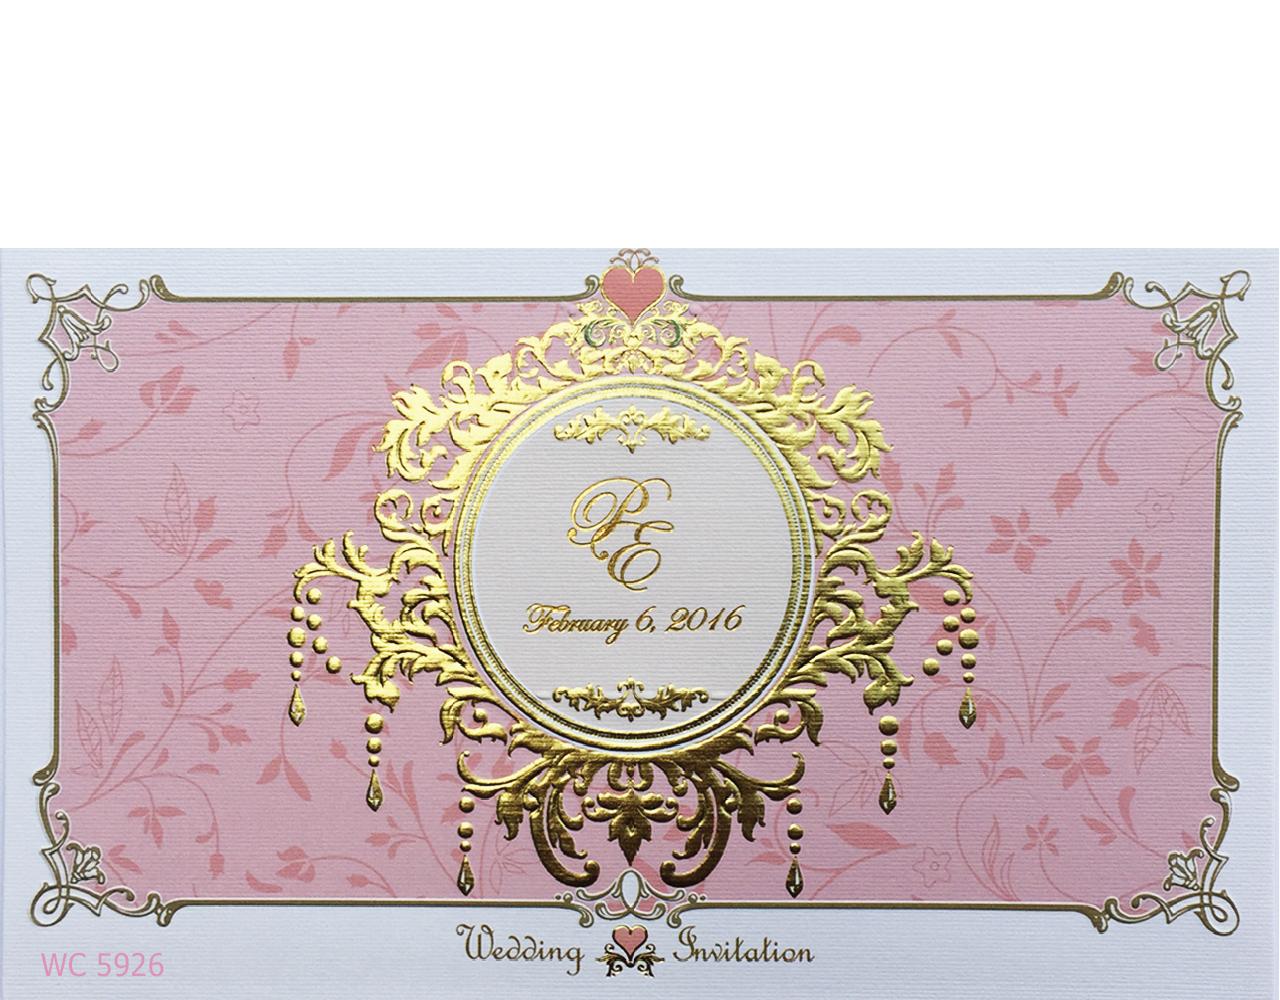 การ์ดแต่งงาน การ์ดเชิญงานแต่ง สีชมพู ลวดลายเรียบหรู แนวนอน ปั๊มนูน พิมพ์ทอง wedding card 12.2 x 21.2 cm WC 5926 Pink ฿ 7.50